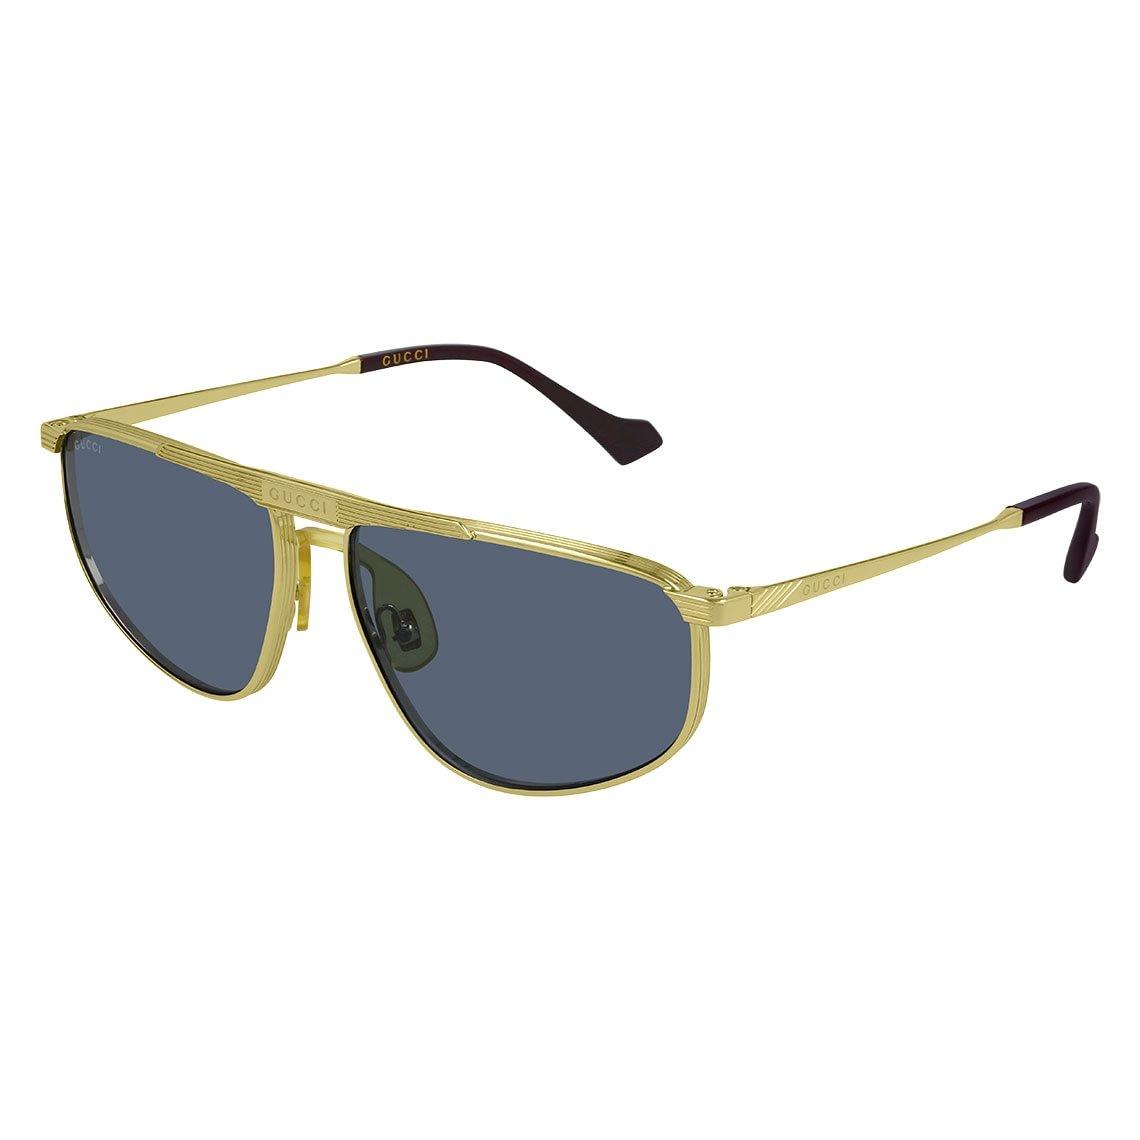 Gucci GG 0841S 003 6015